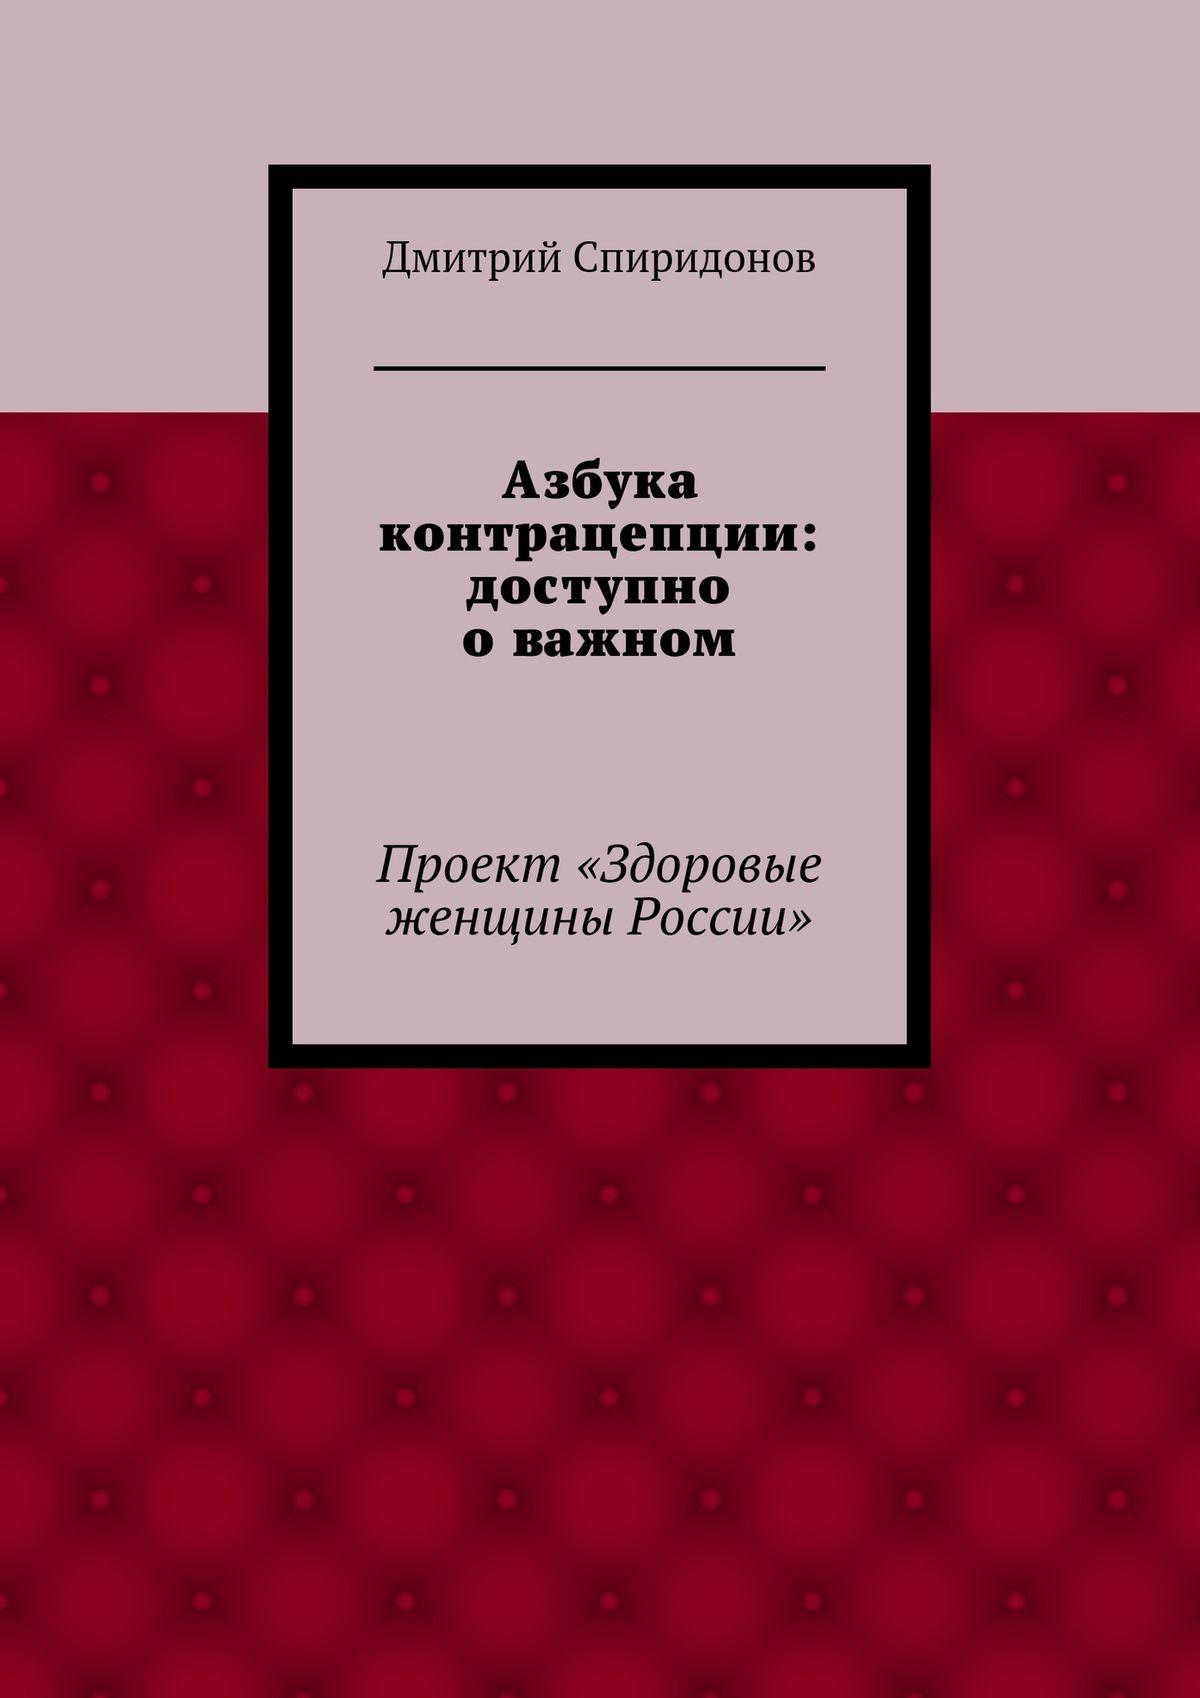 Дмитрий Спиридонов Азбука контрацепции: доступно о важном